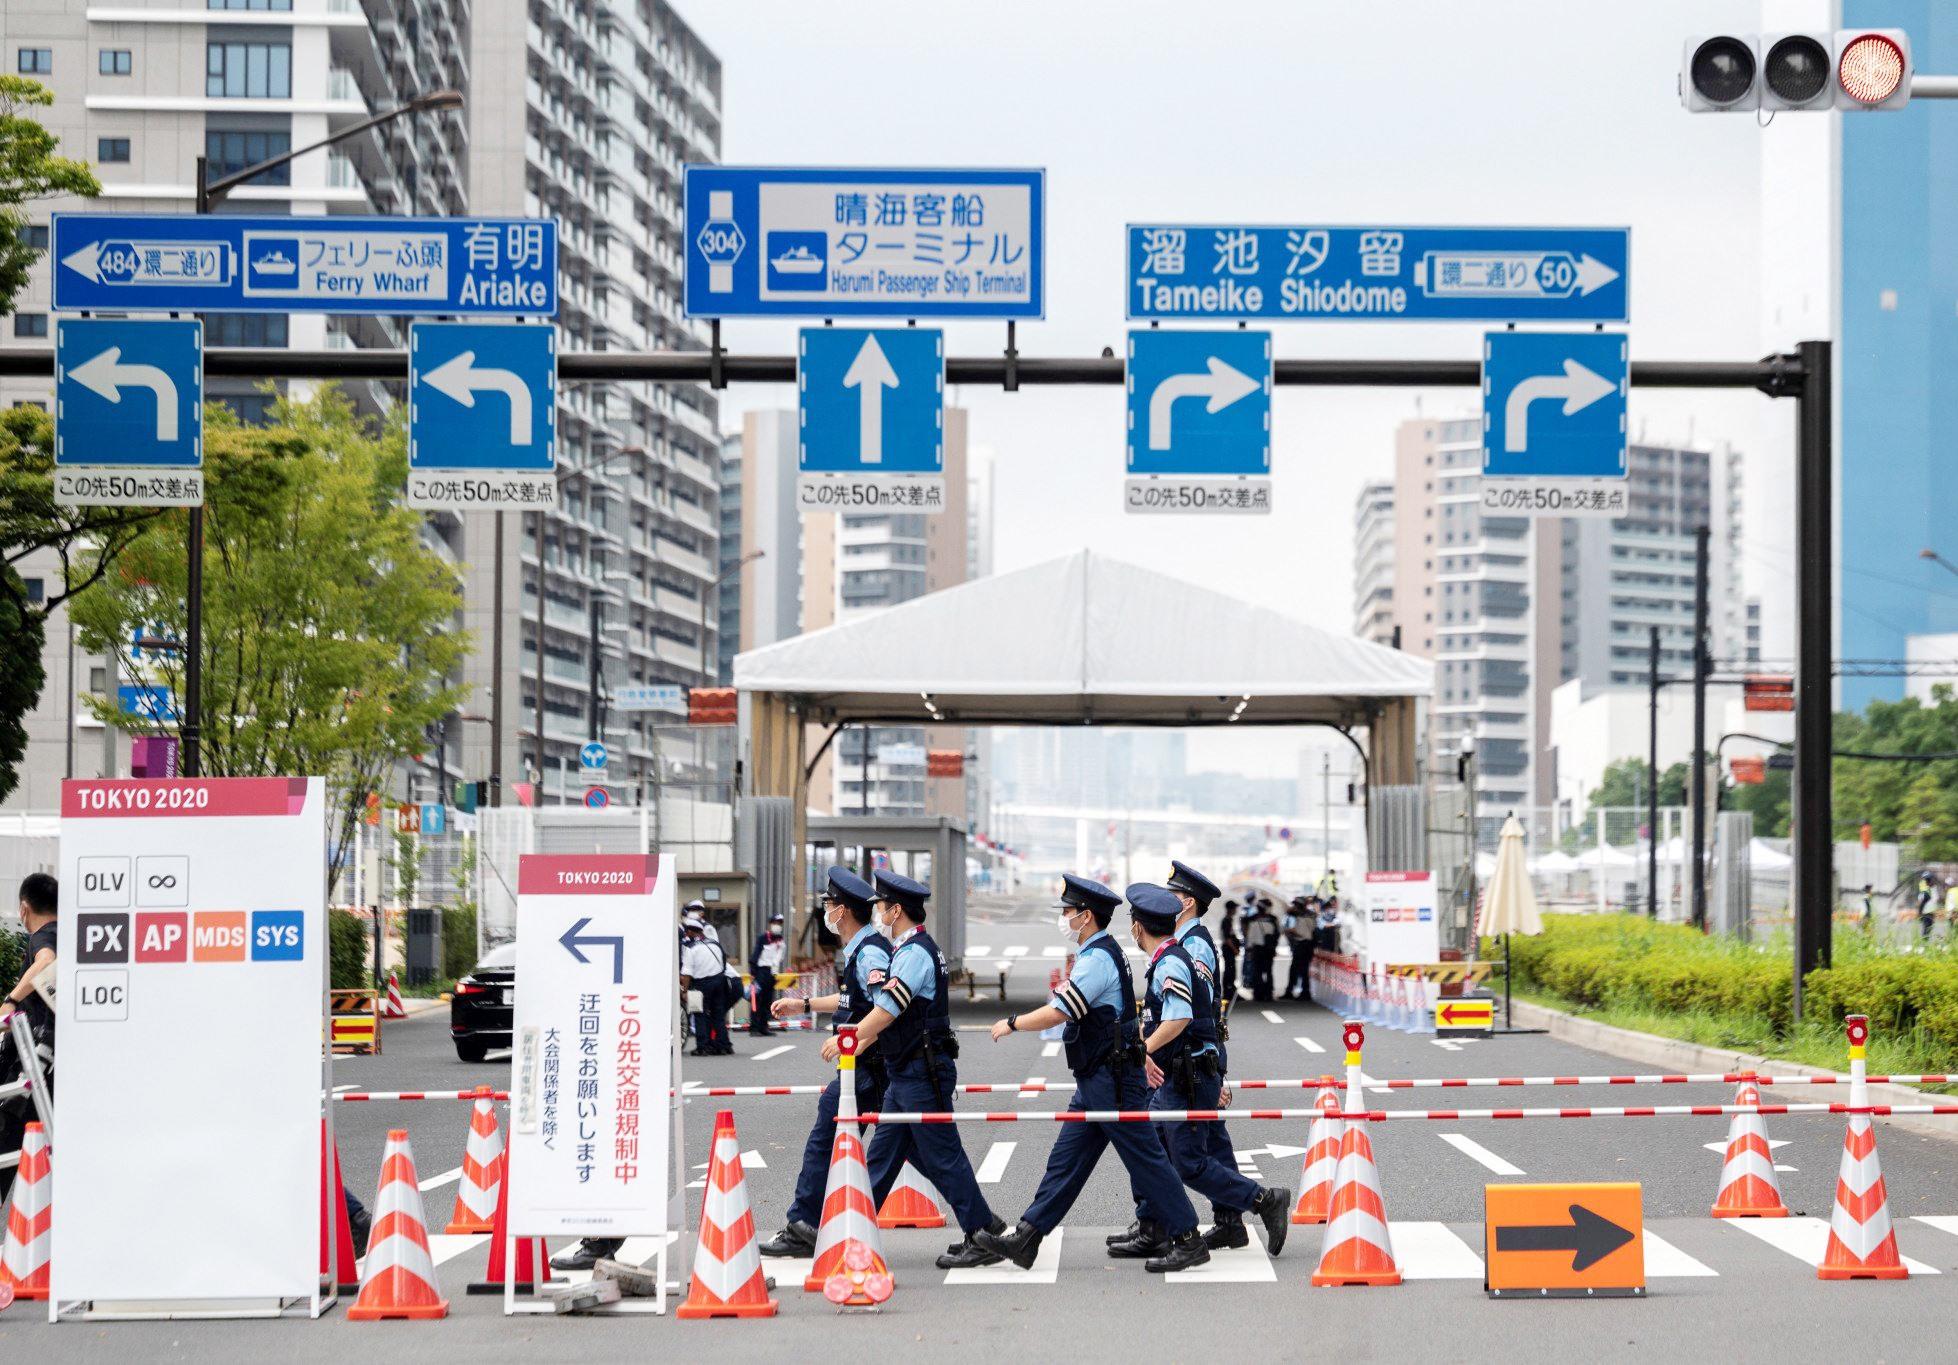 Làng vận động viên Olympic Tokyo 2020 được kiểm soát rất nghiêm ngặt trong bối cảnh đại dịch Covid-19. Ảnh: Gettyimages